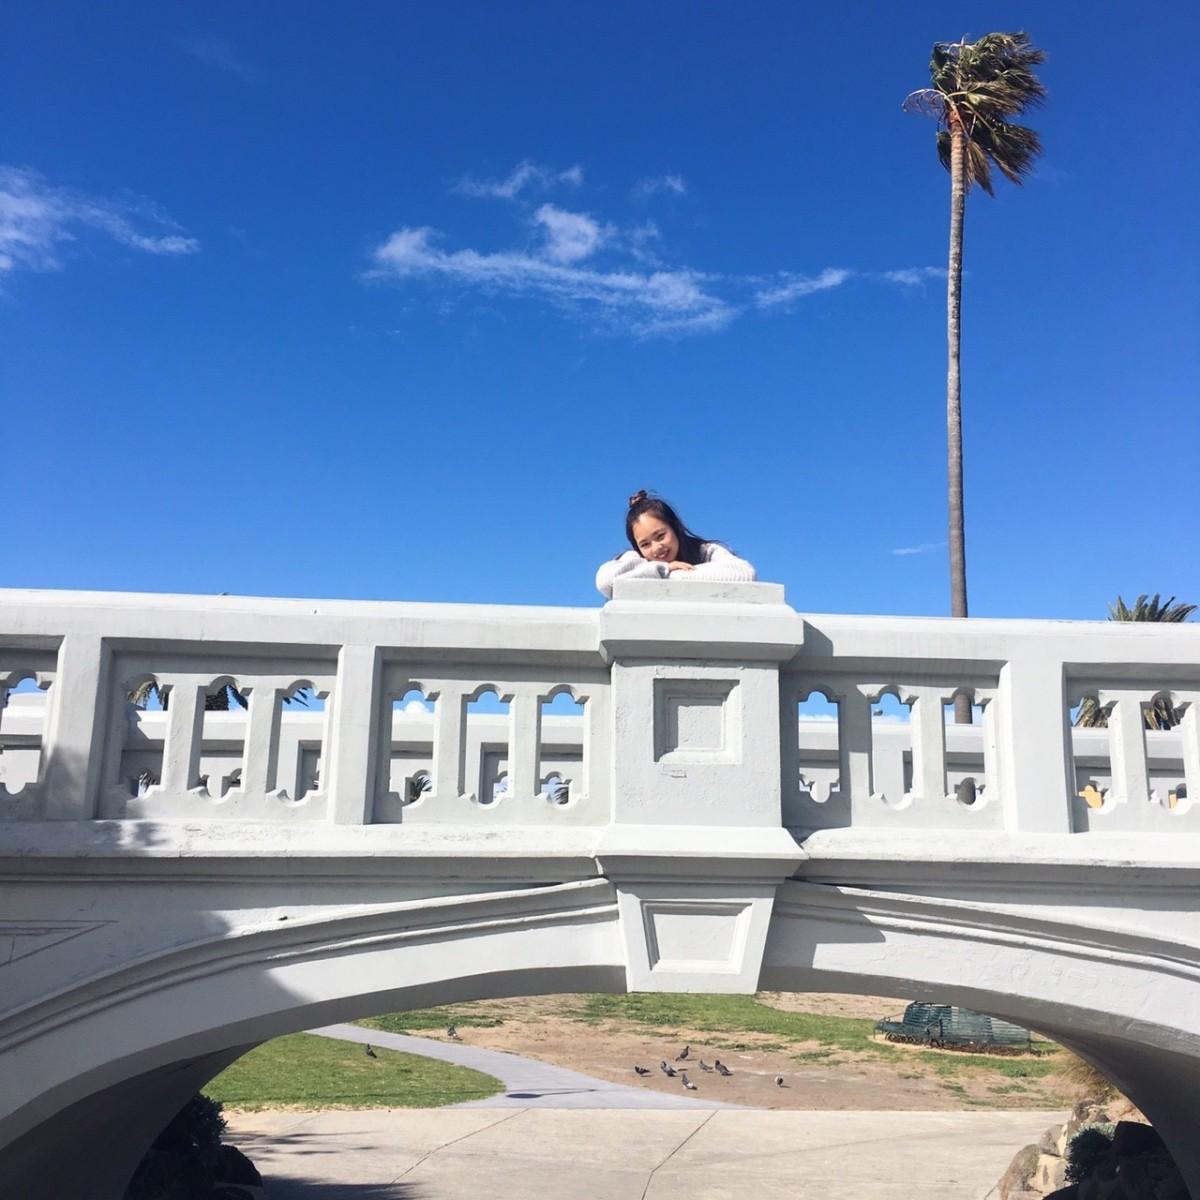 """メルボルンの癒しの場所""""セントキルダビーチ""""と""""ルナパーク"""" 【karenのオーストラリア留学ブログ】"""